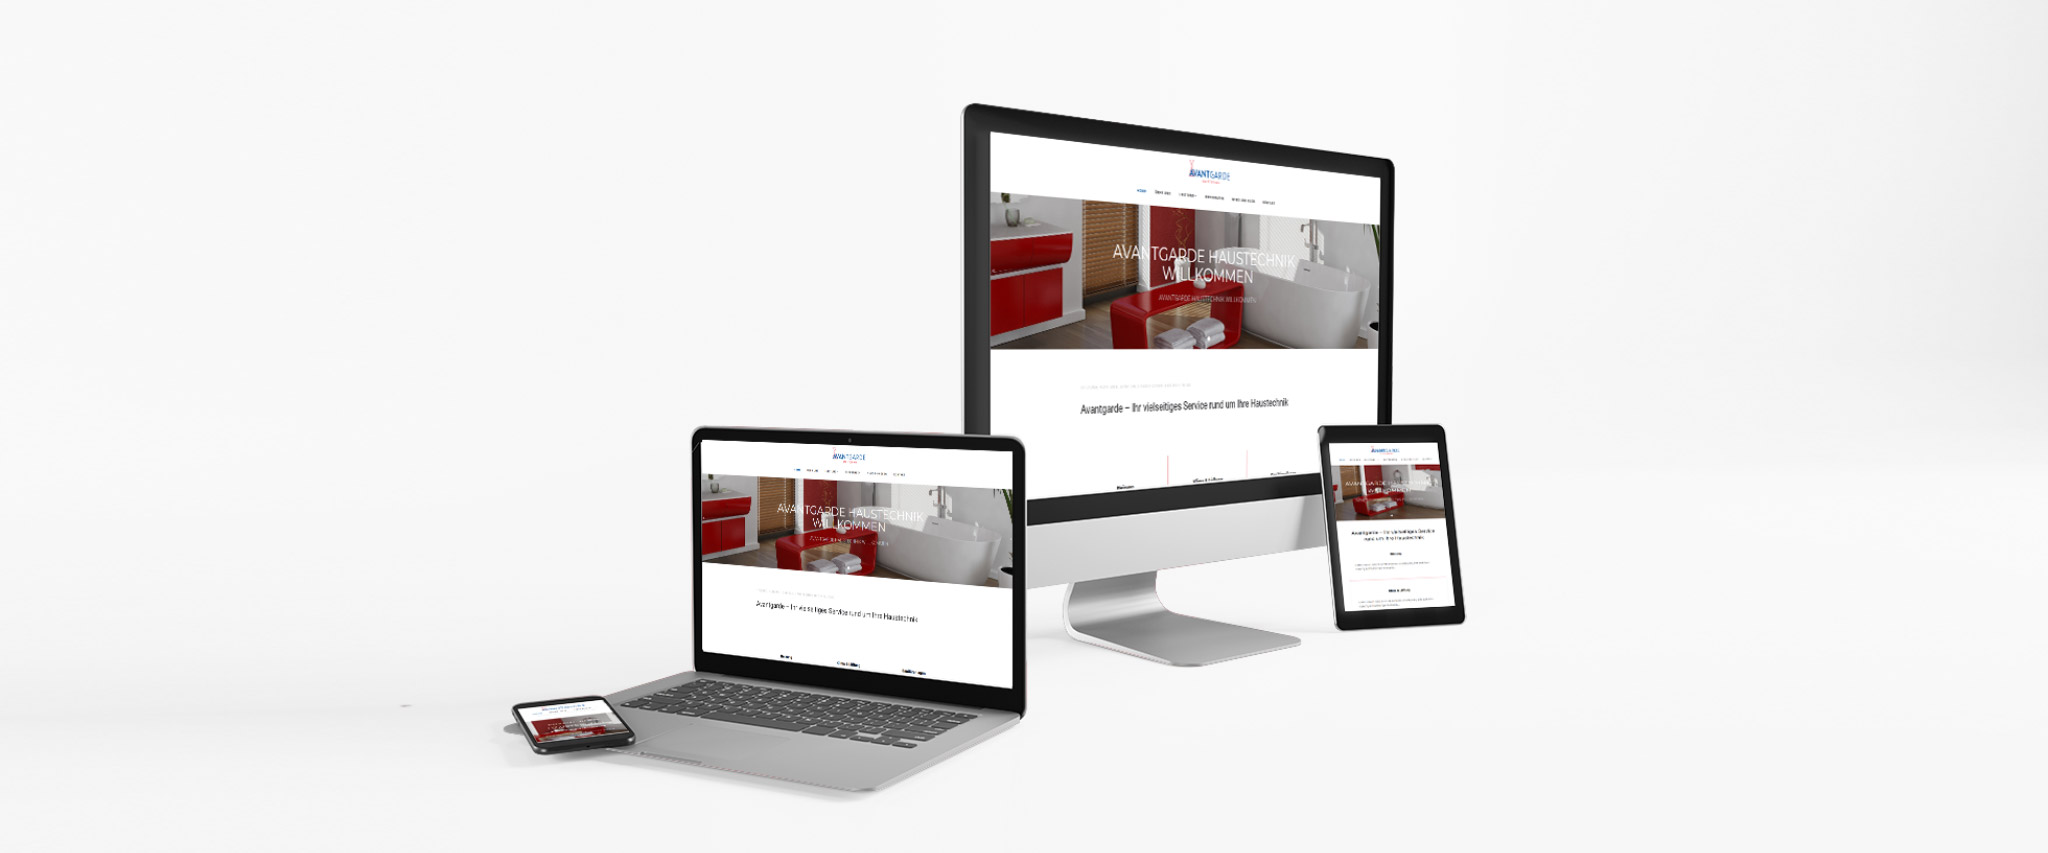 Unsere Webseite ist online! | avantgarde-haustechnik.at